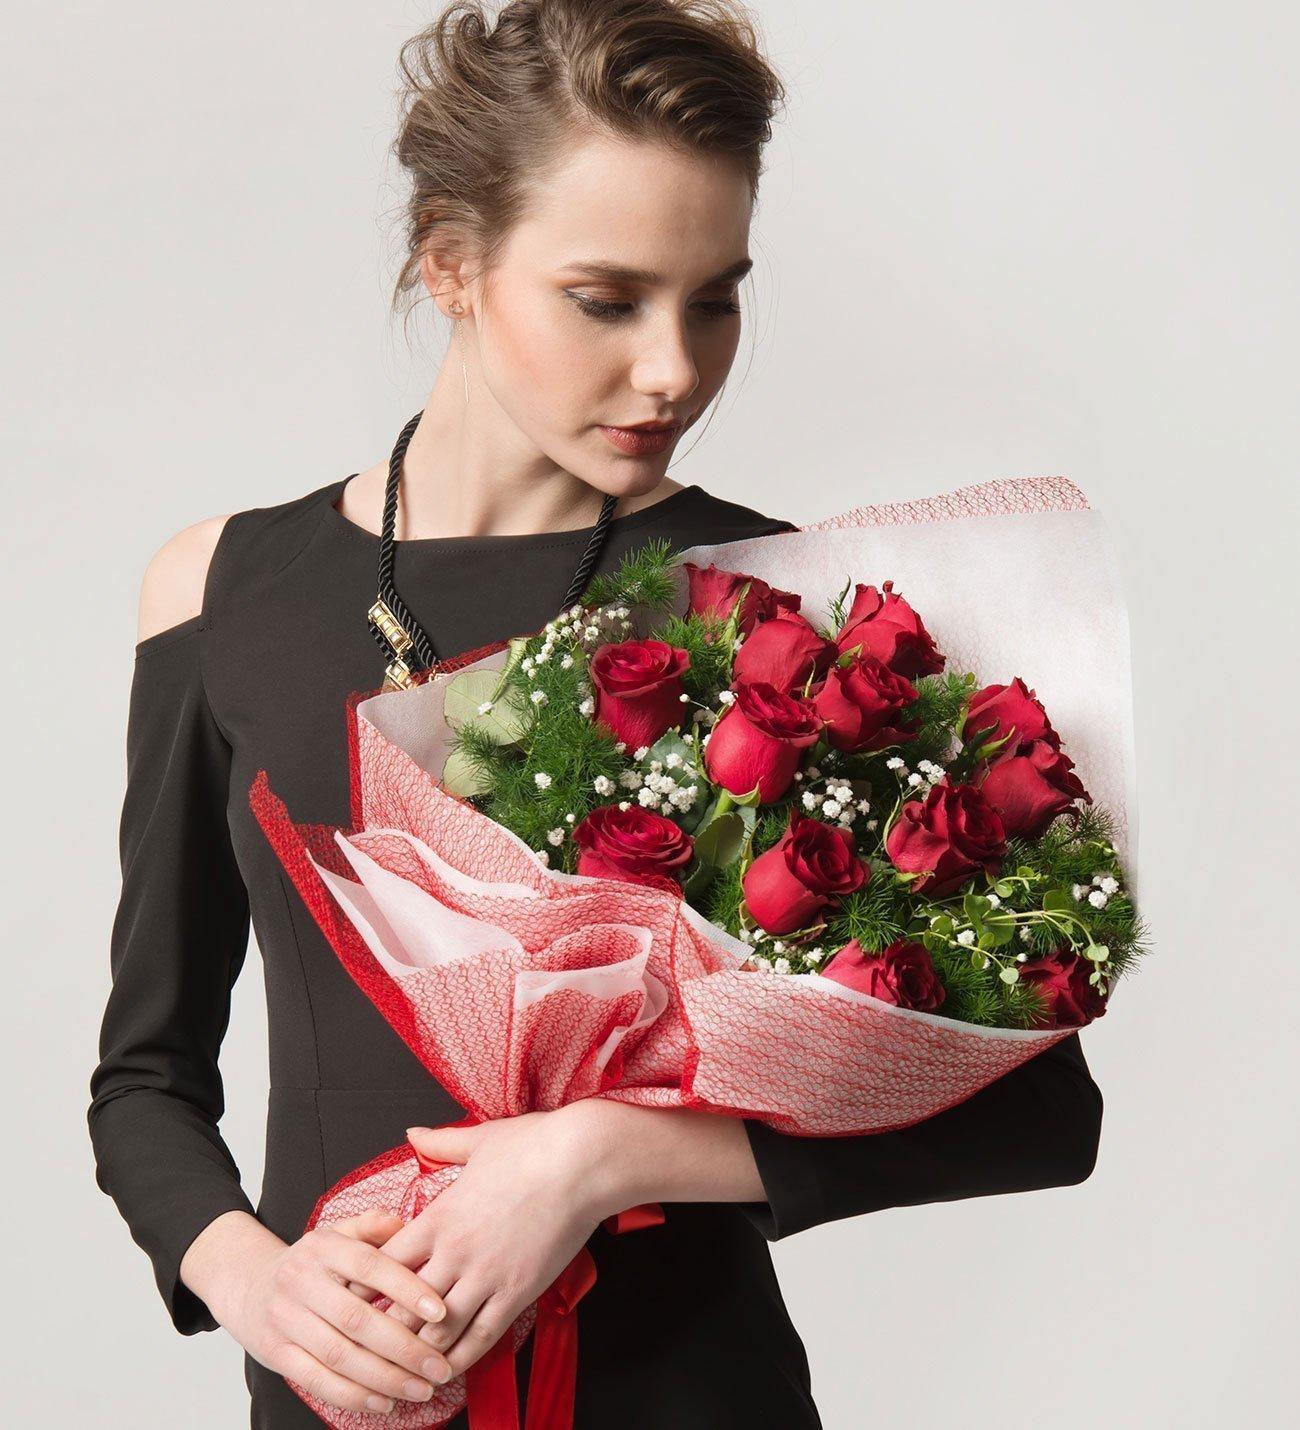 Kadınlara neden çiçek alınmalı